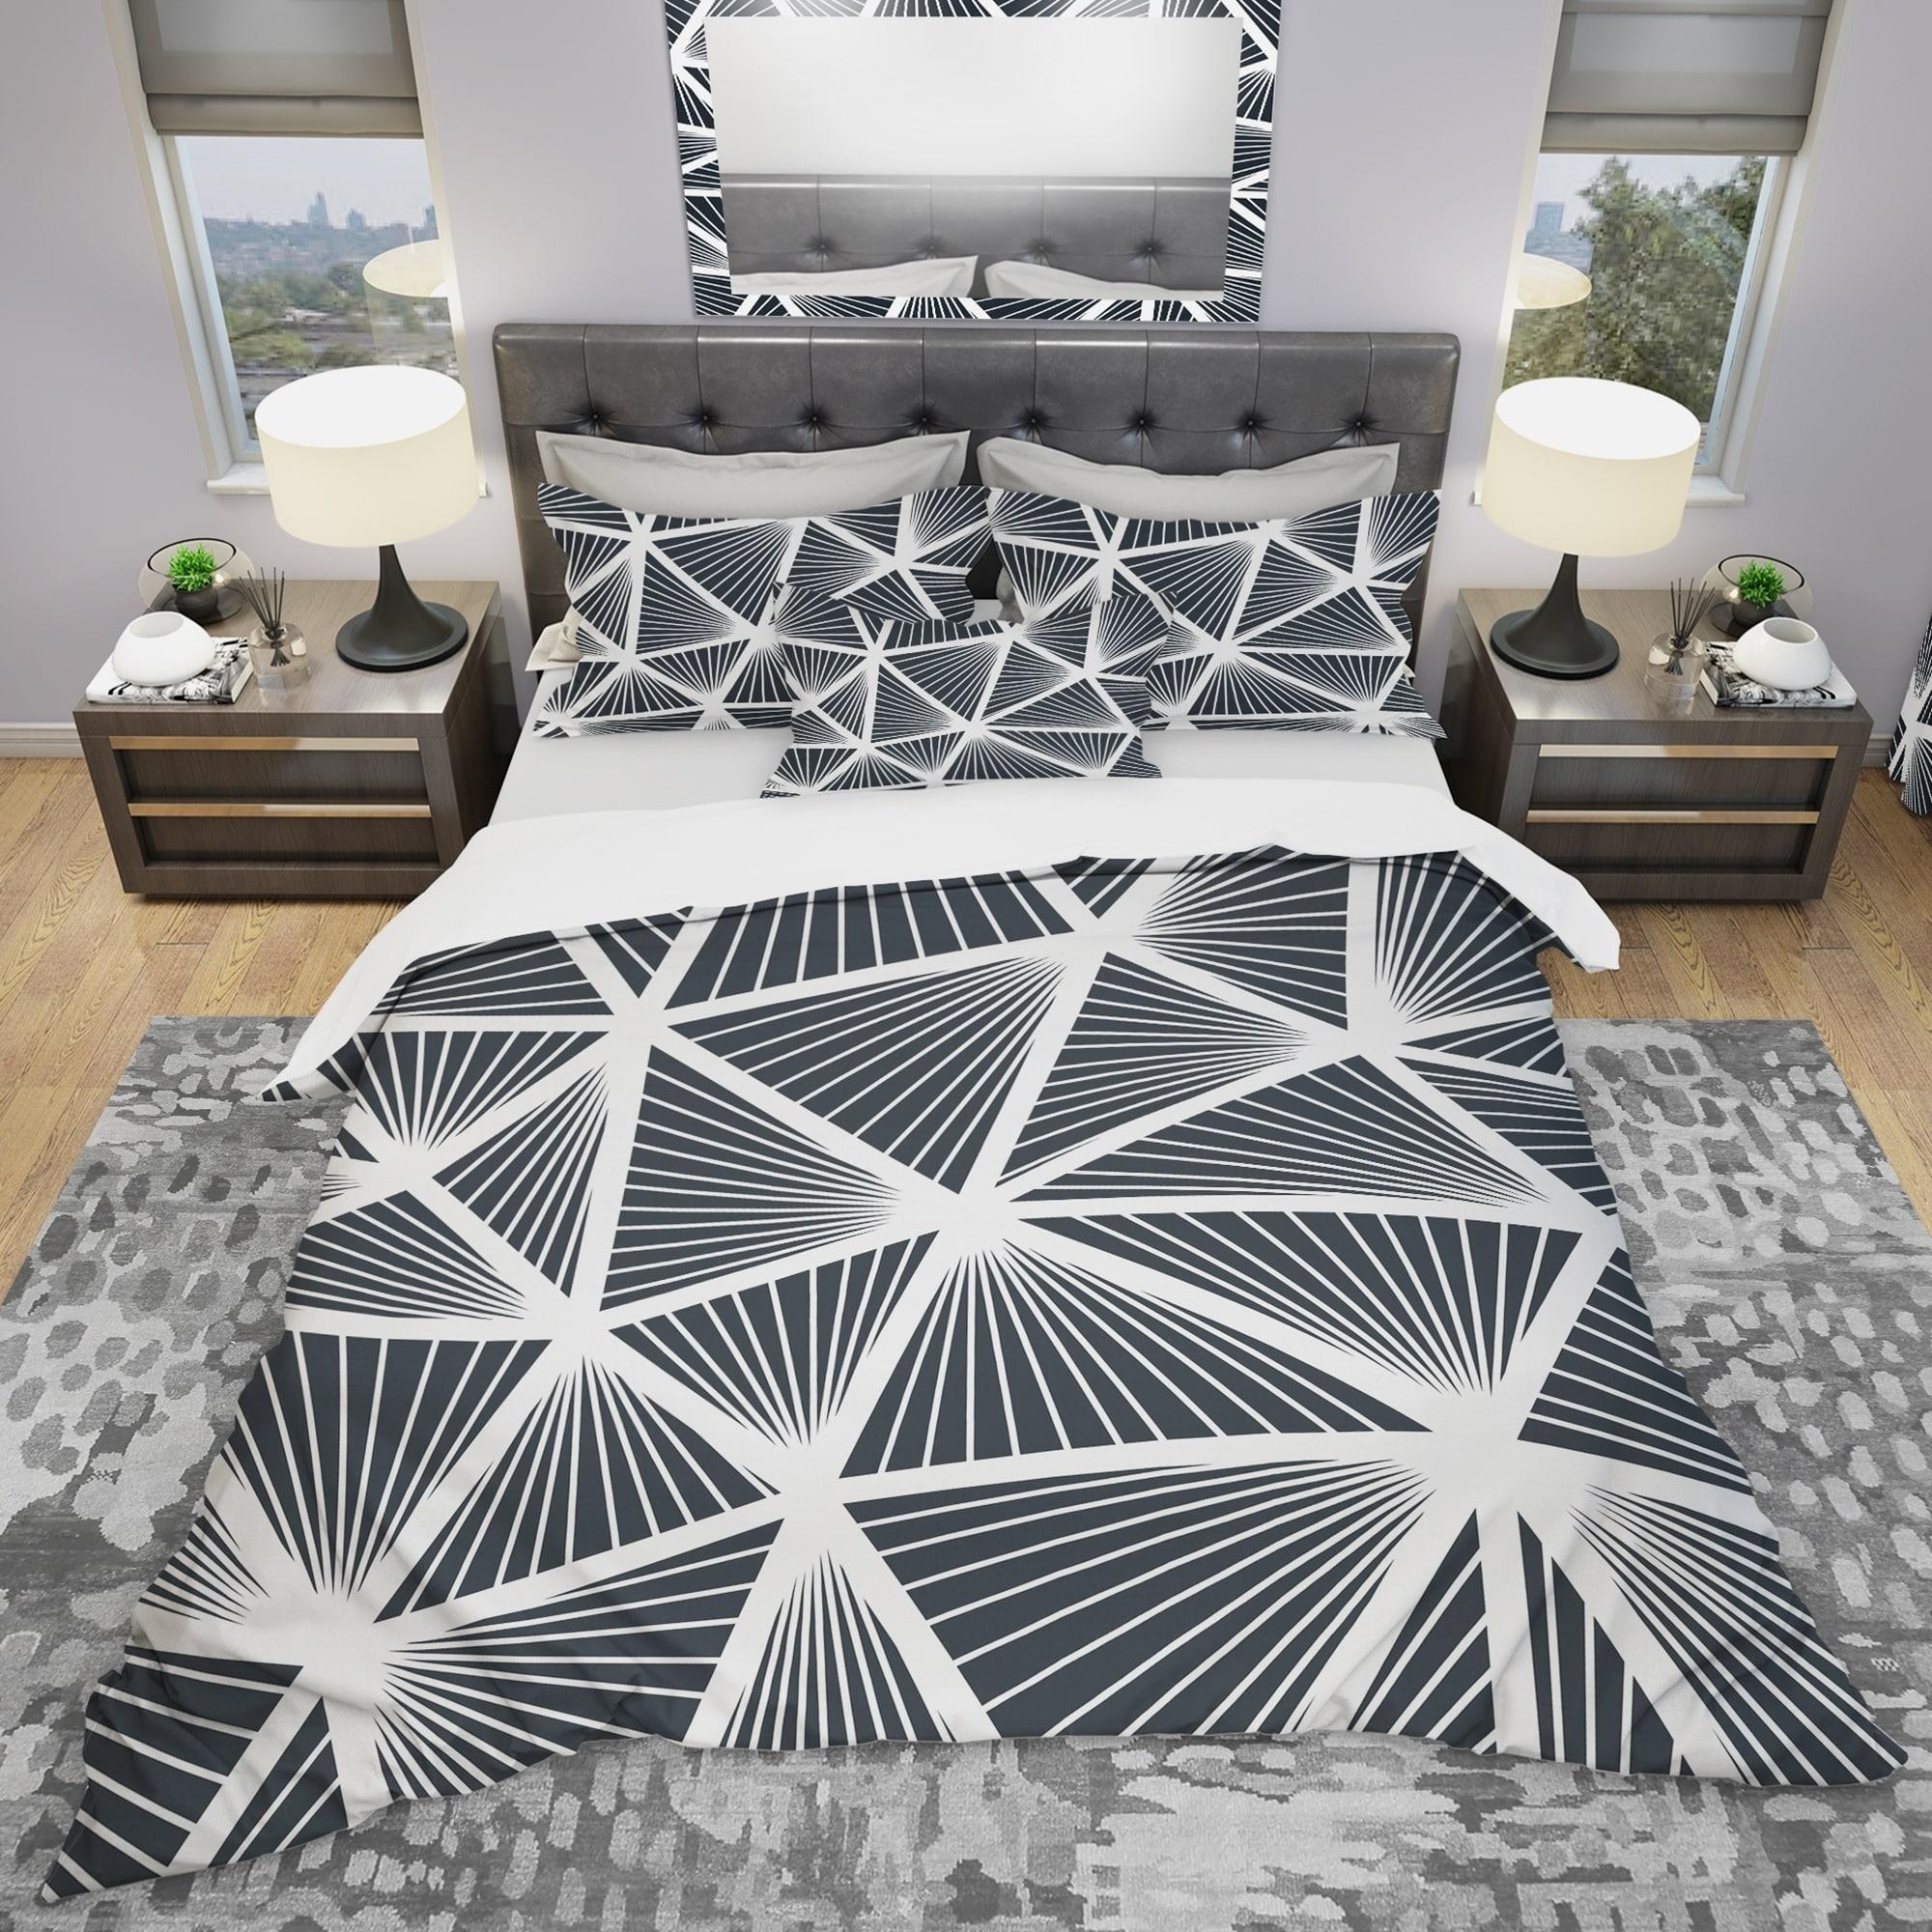 Designart Black White Geometric Decorative Pattern Modern Bedding Set Duvet Cover Shams Overstock 23507273